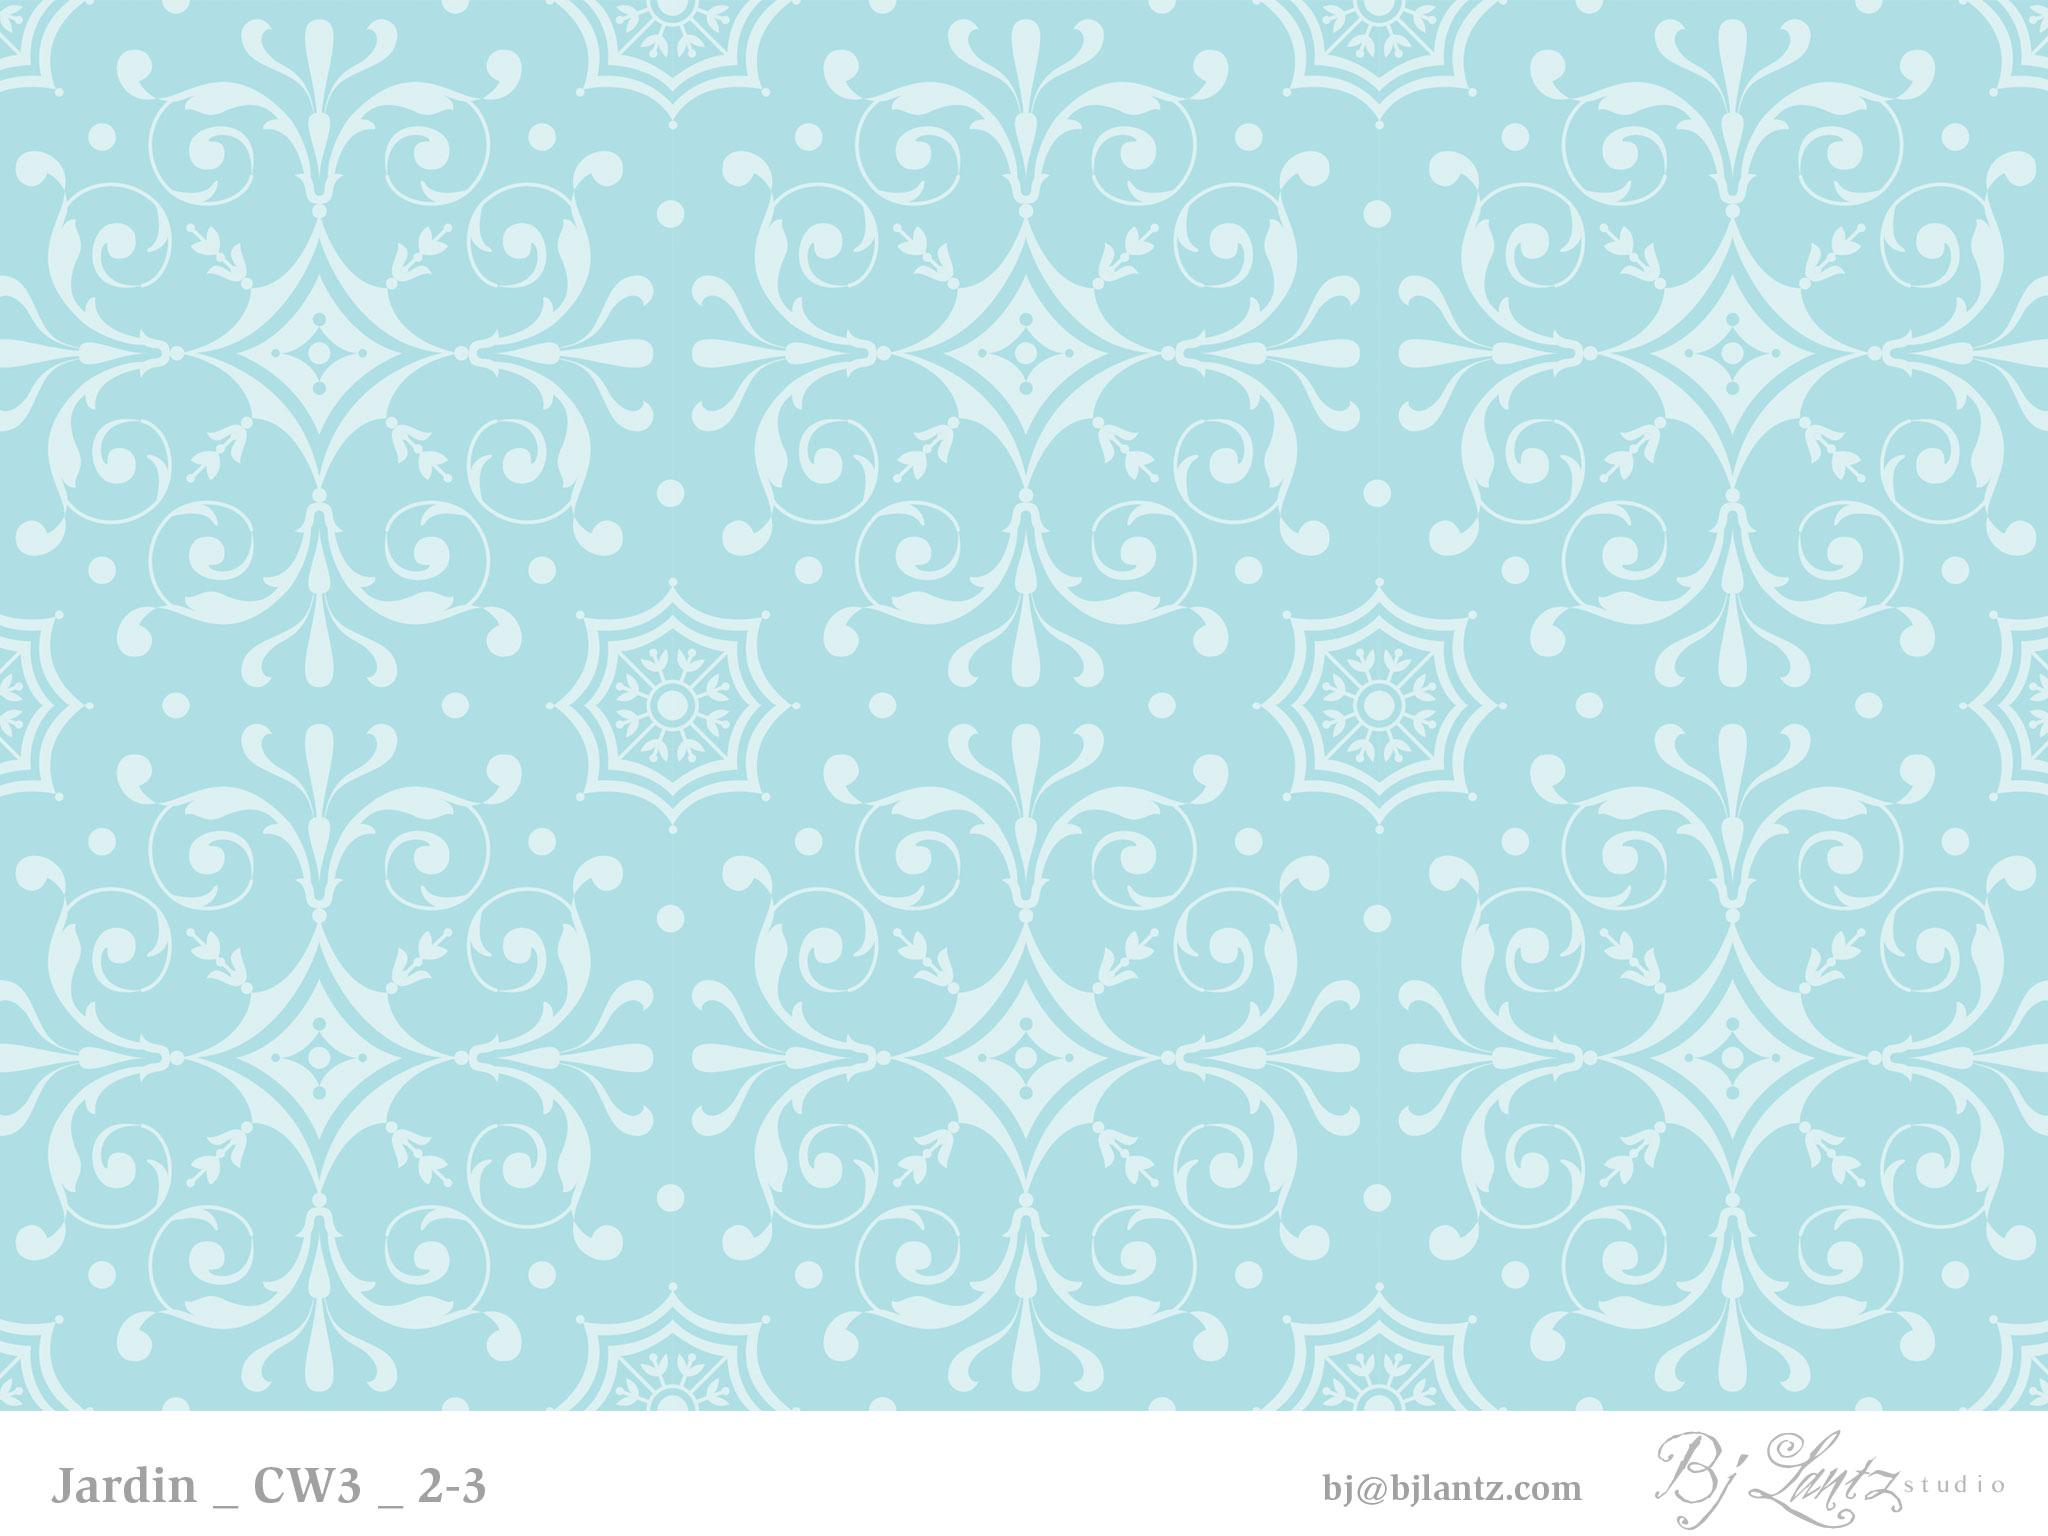 Jardin_CW3-BJ-Lantz_2-3.jpg